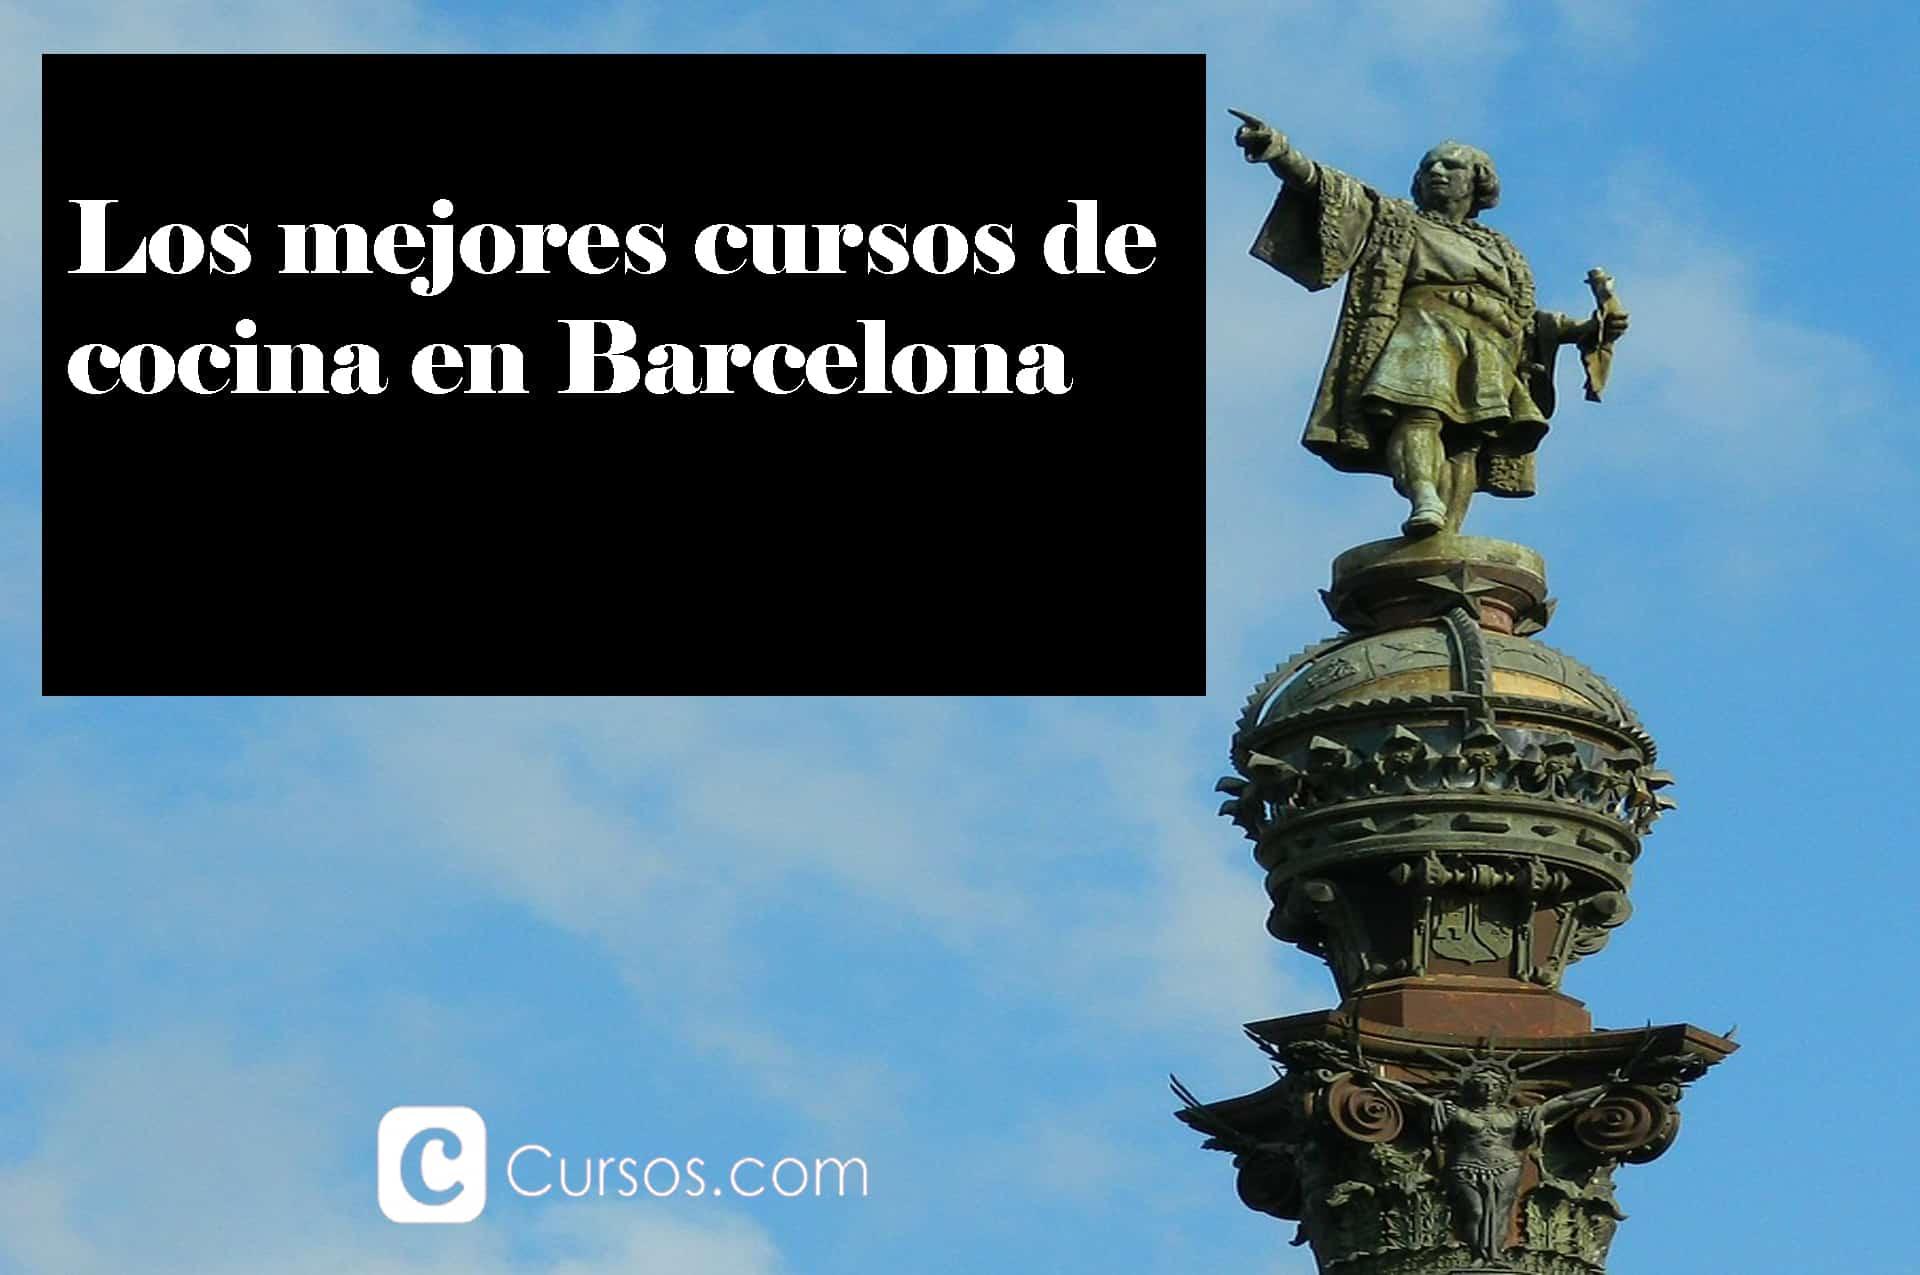 Los mejores cursos de cocina en Barcelona